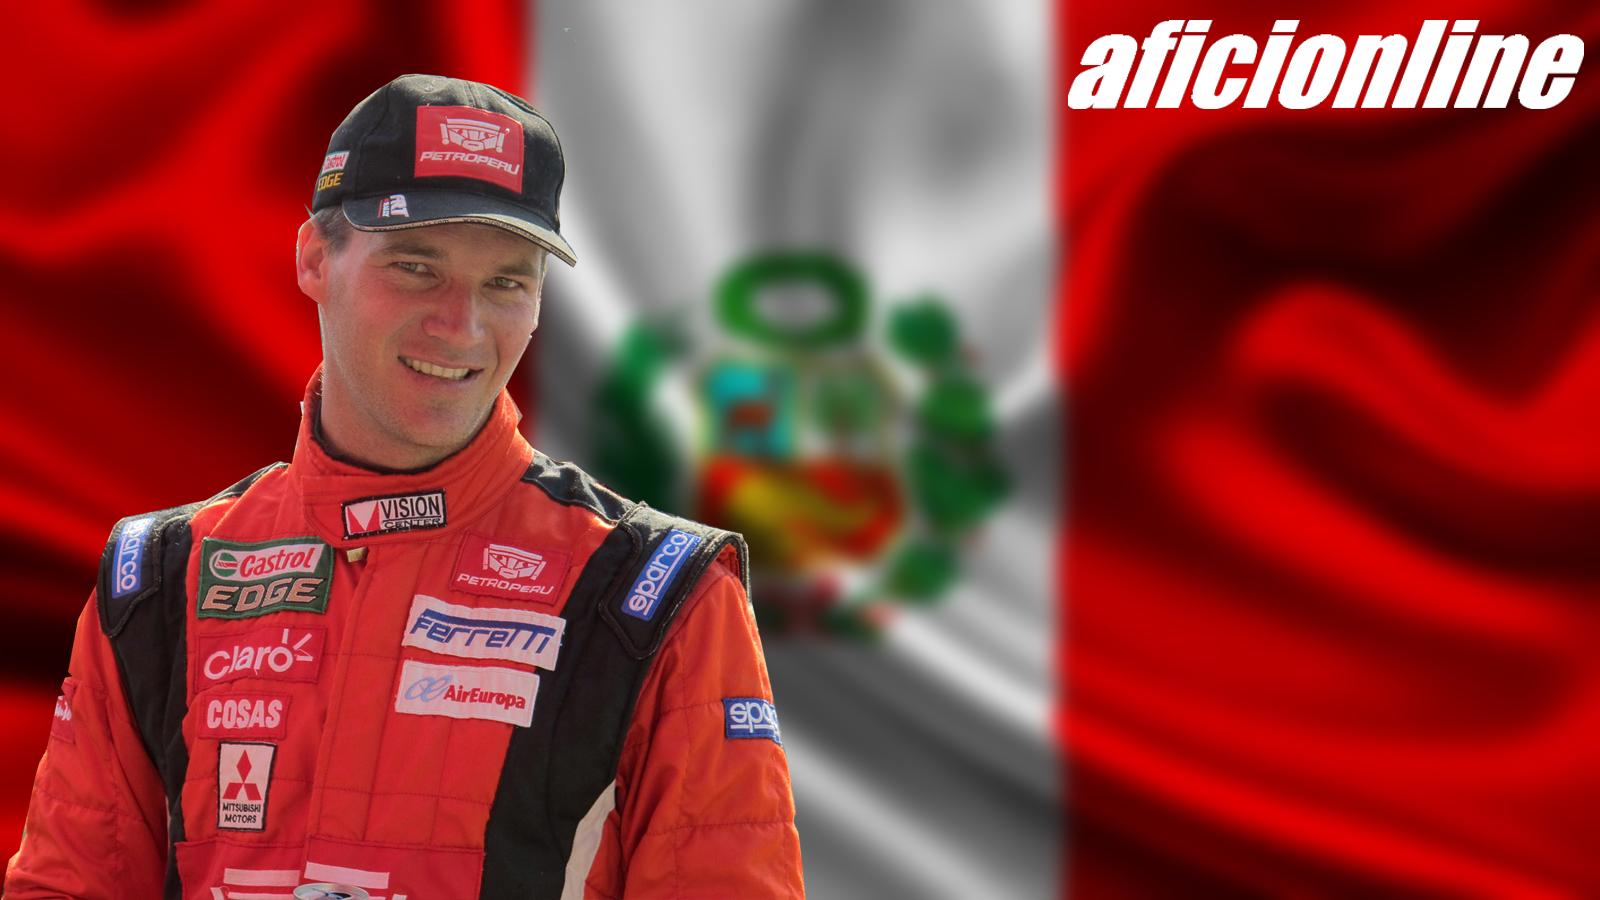 Automovilista peruano competirá en el Rally de Portugal el 6 de abril (Imagen: Marco León).